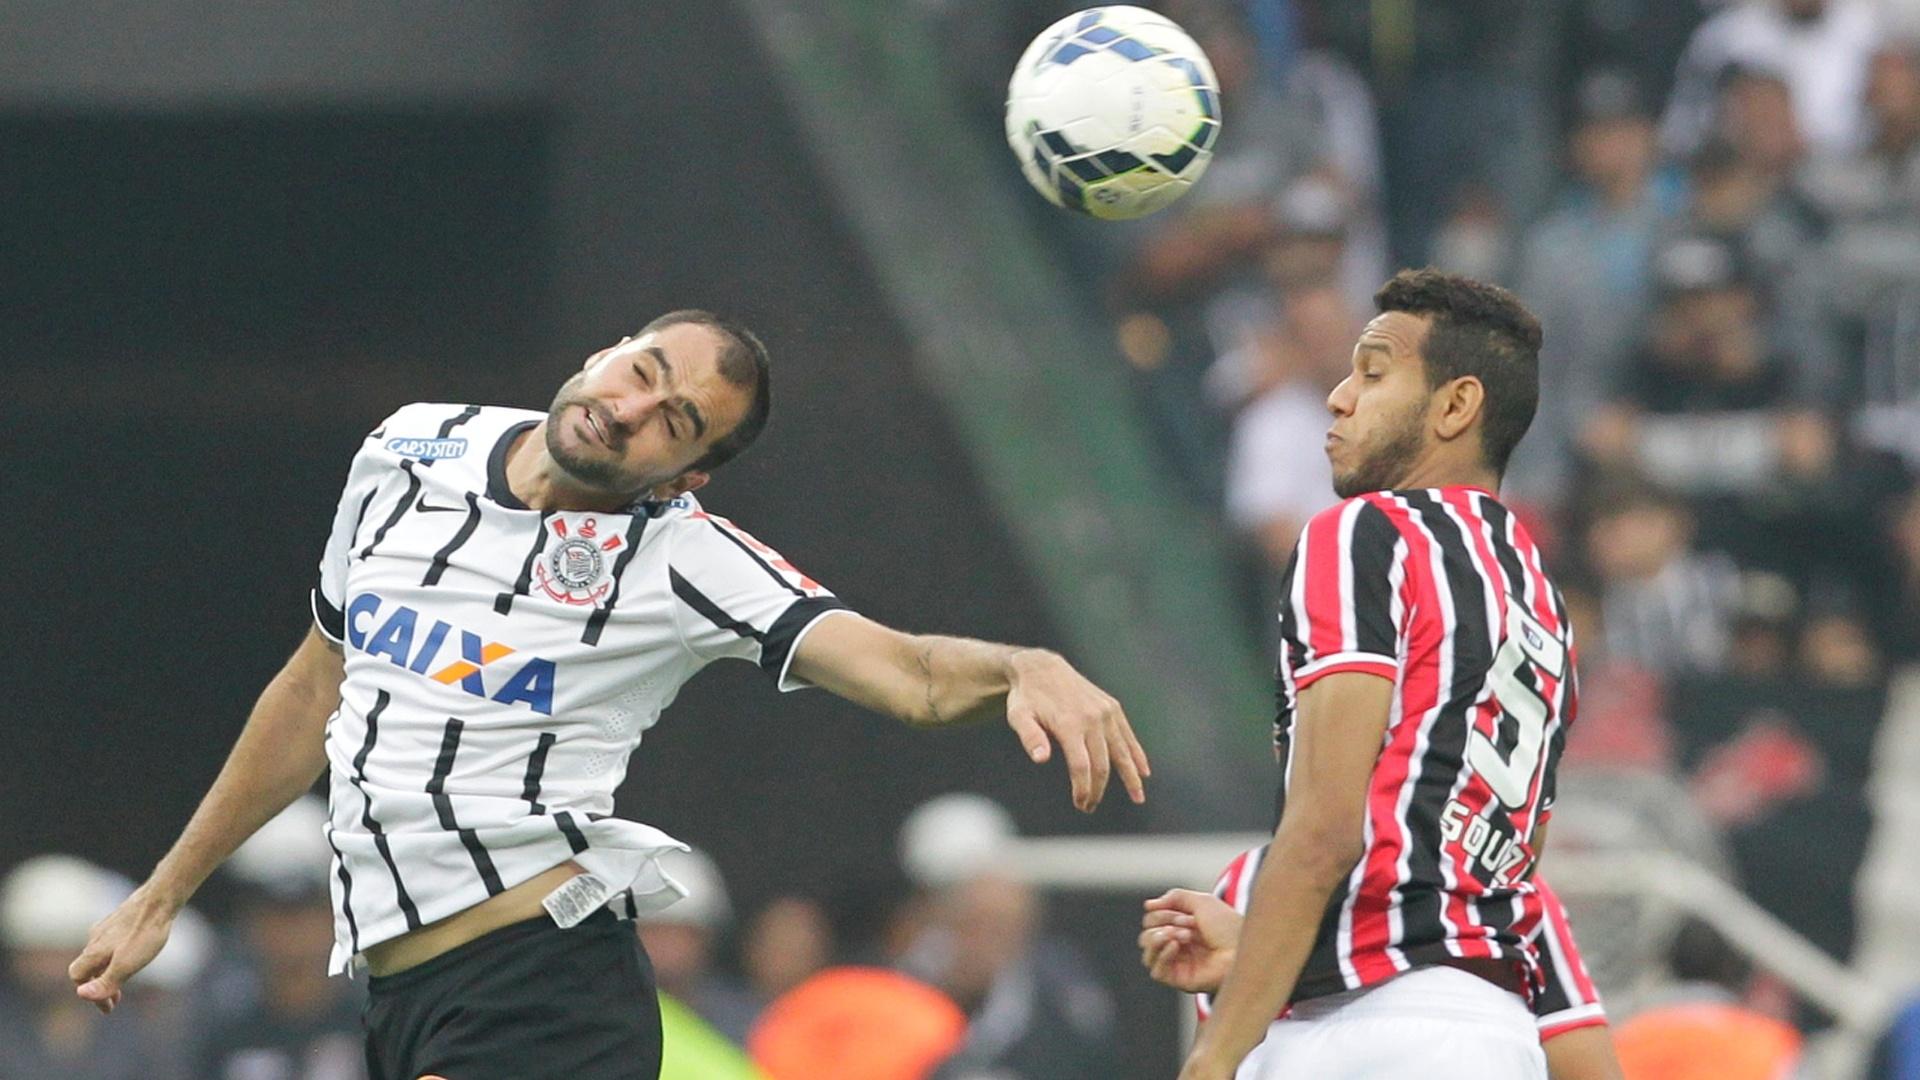 Souza e Danilo disputam bola aérea no clássico entre Corinthians e São Paulo no Itaquerão